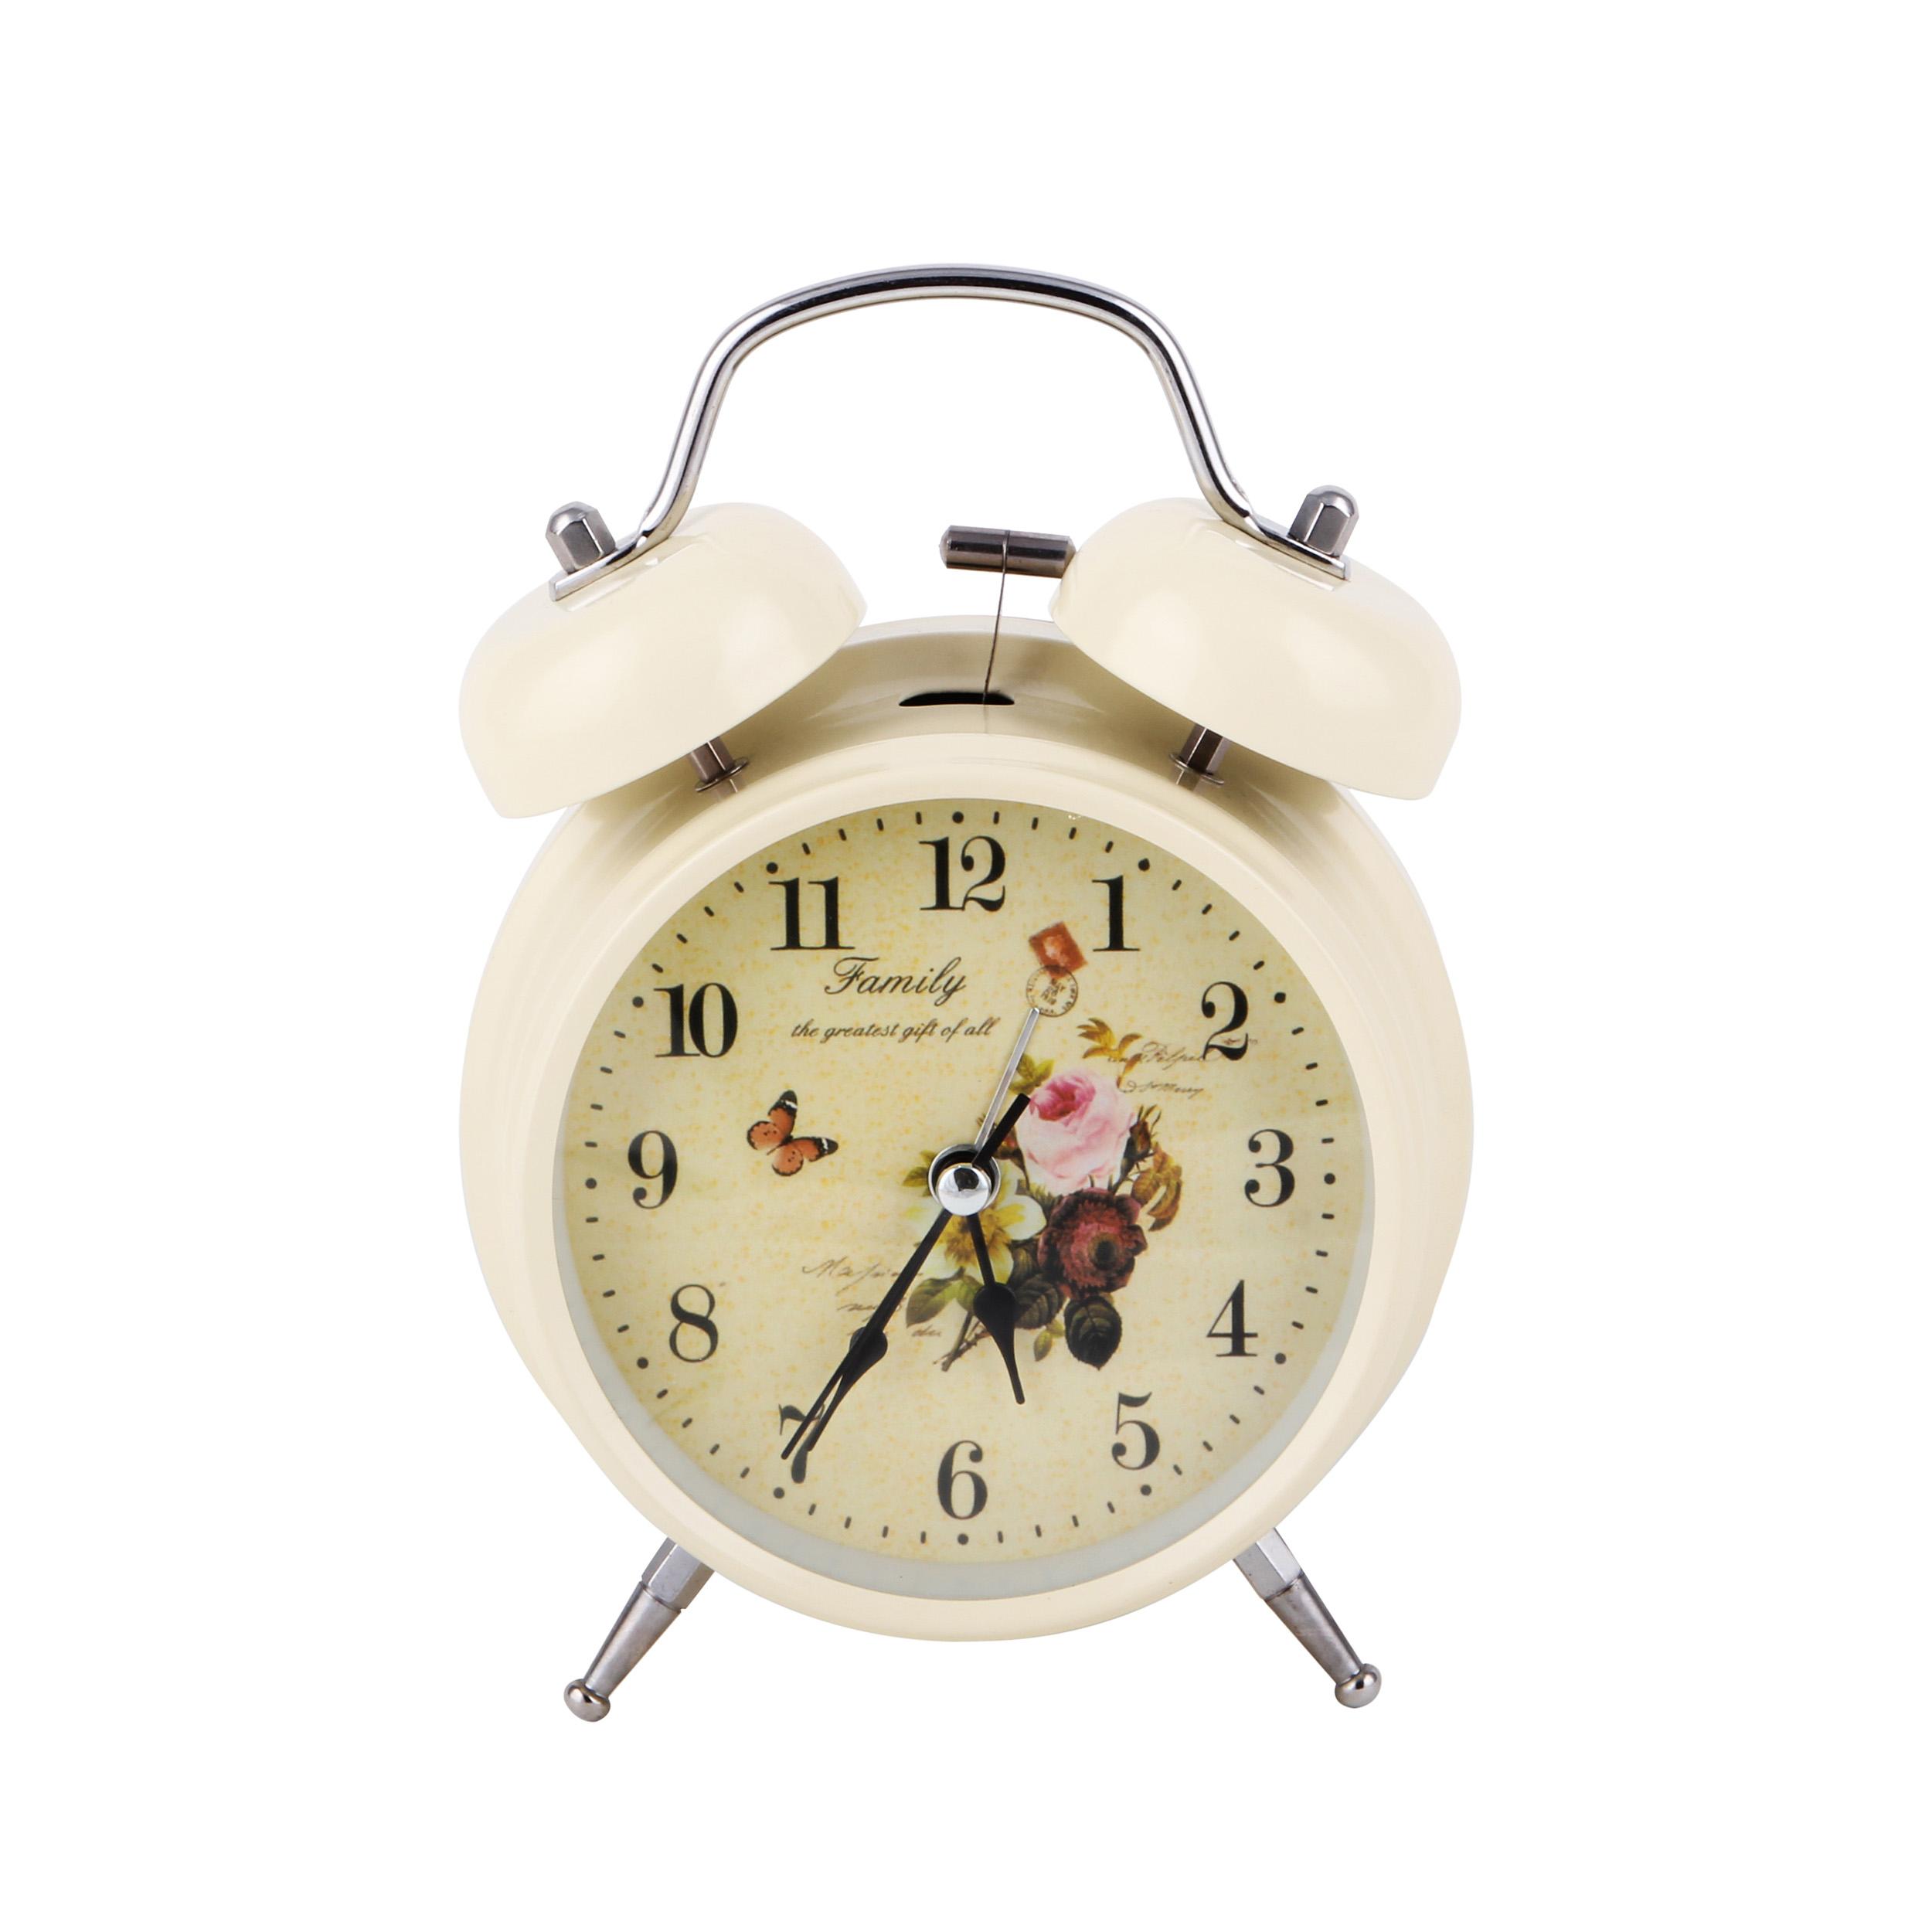 ساعت رومیزی مدل گل و پروانه